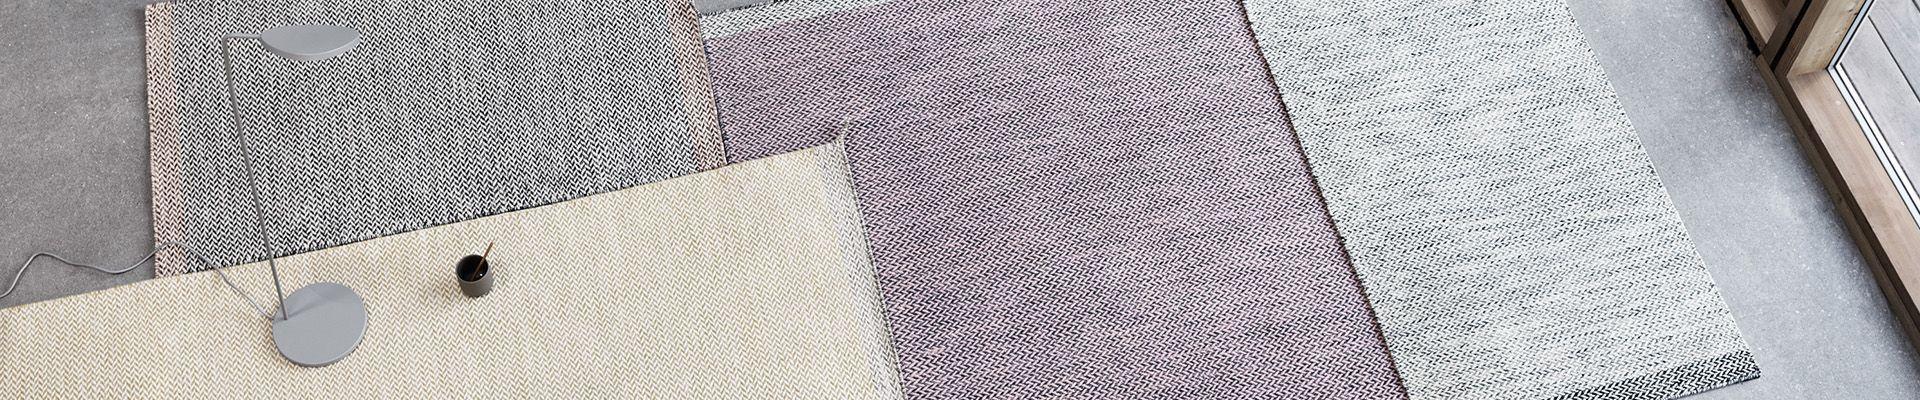 Tipps und Tricks für die Teppichpflege